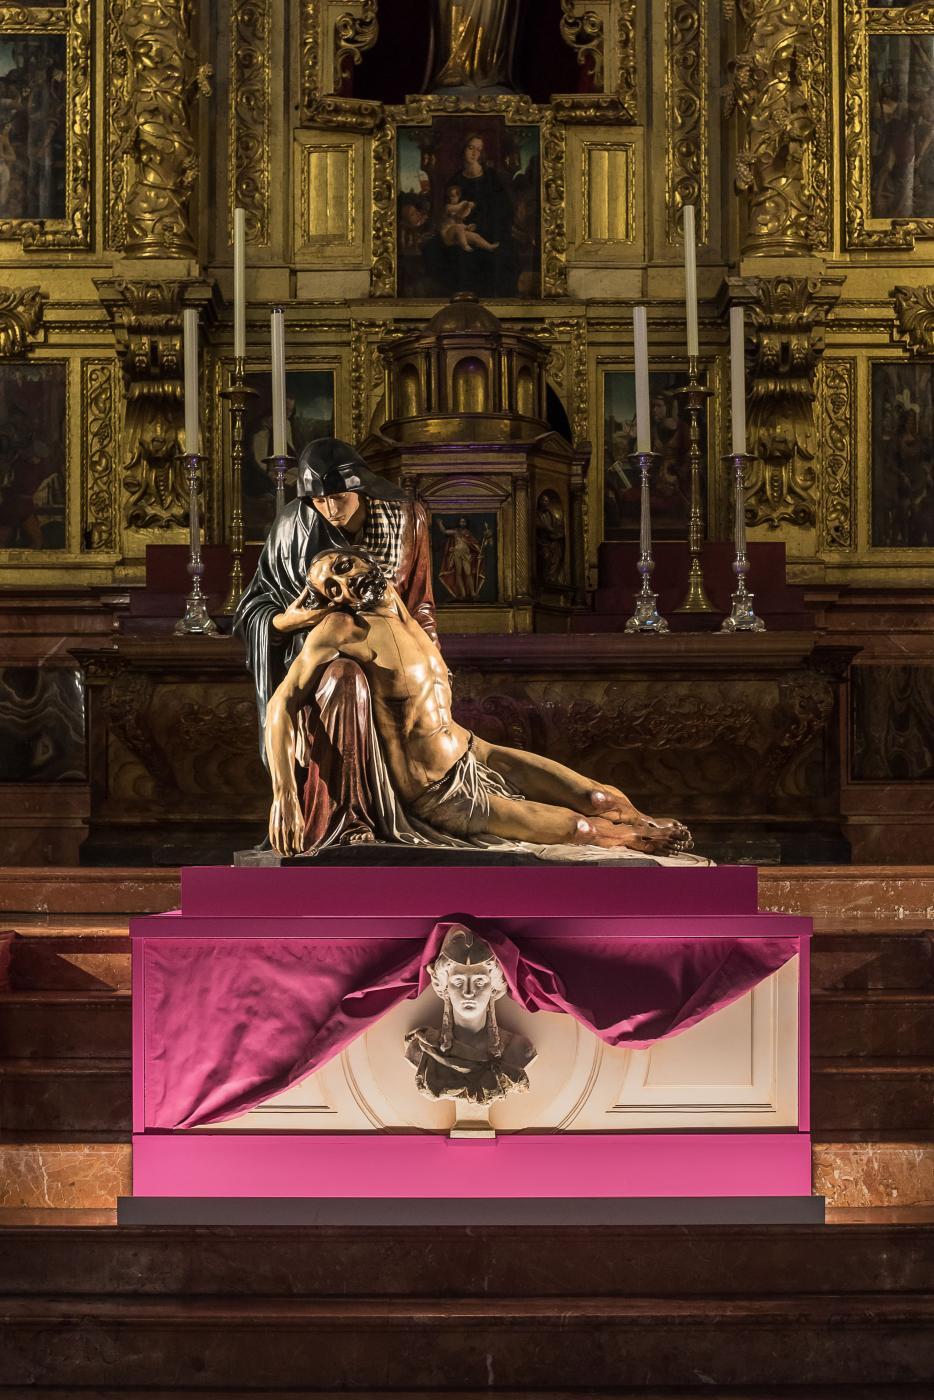 Exposición y veneración de imágenes El Verbo Encarnado. Nuestra Señora de la Piedad. Capilla del Sagrado Corazón.